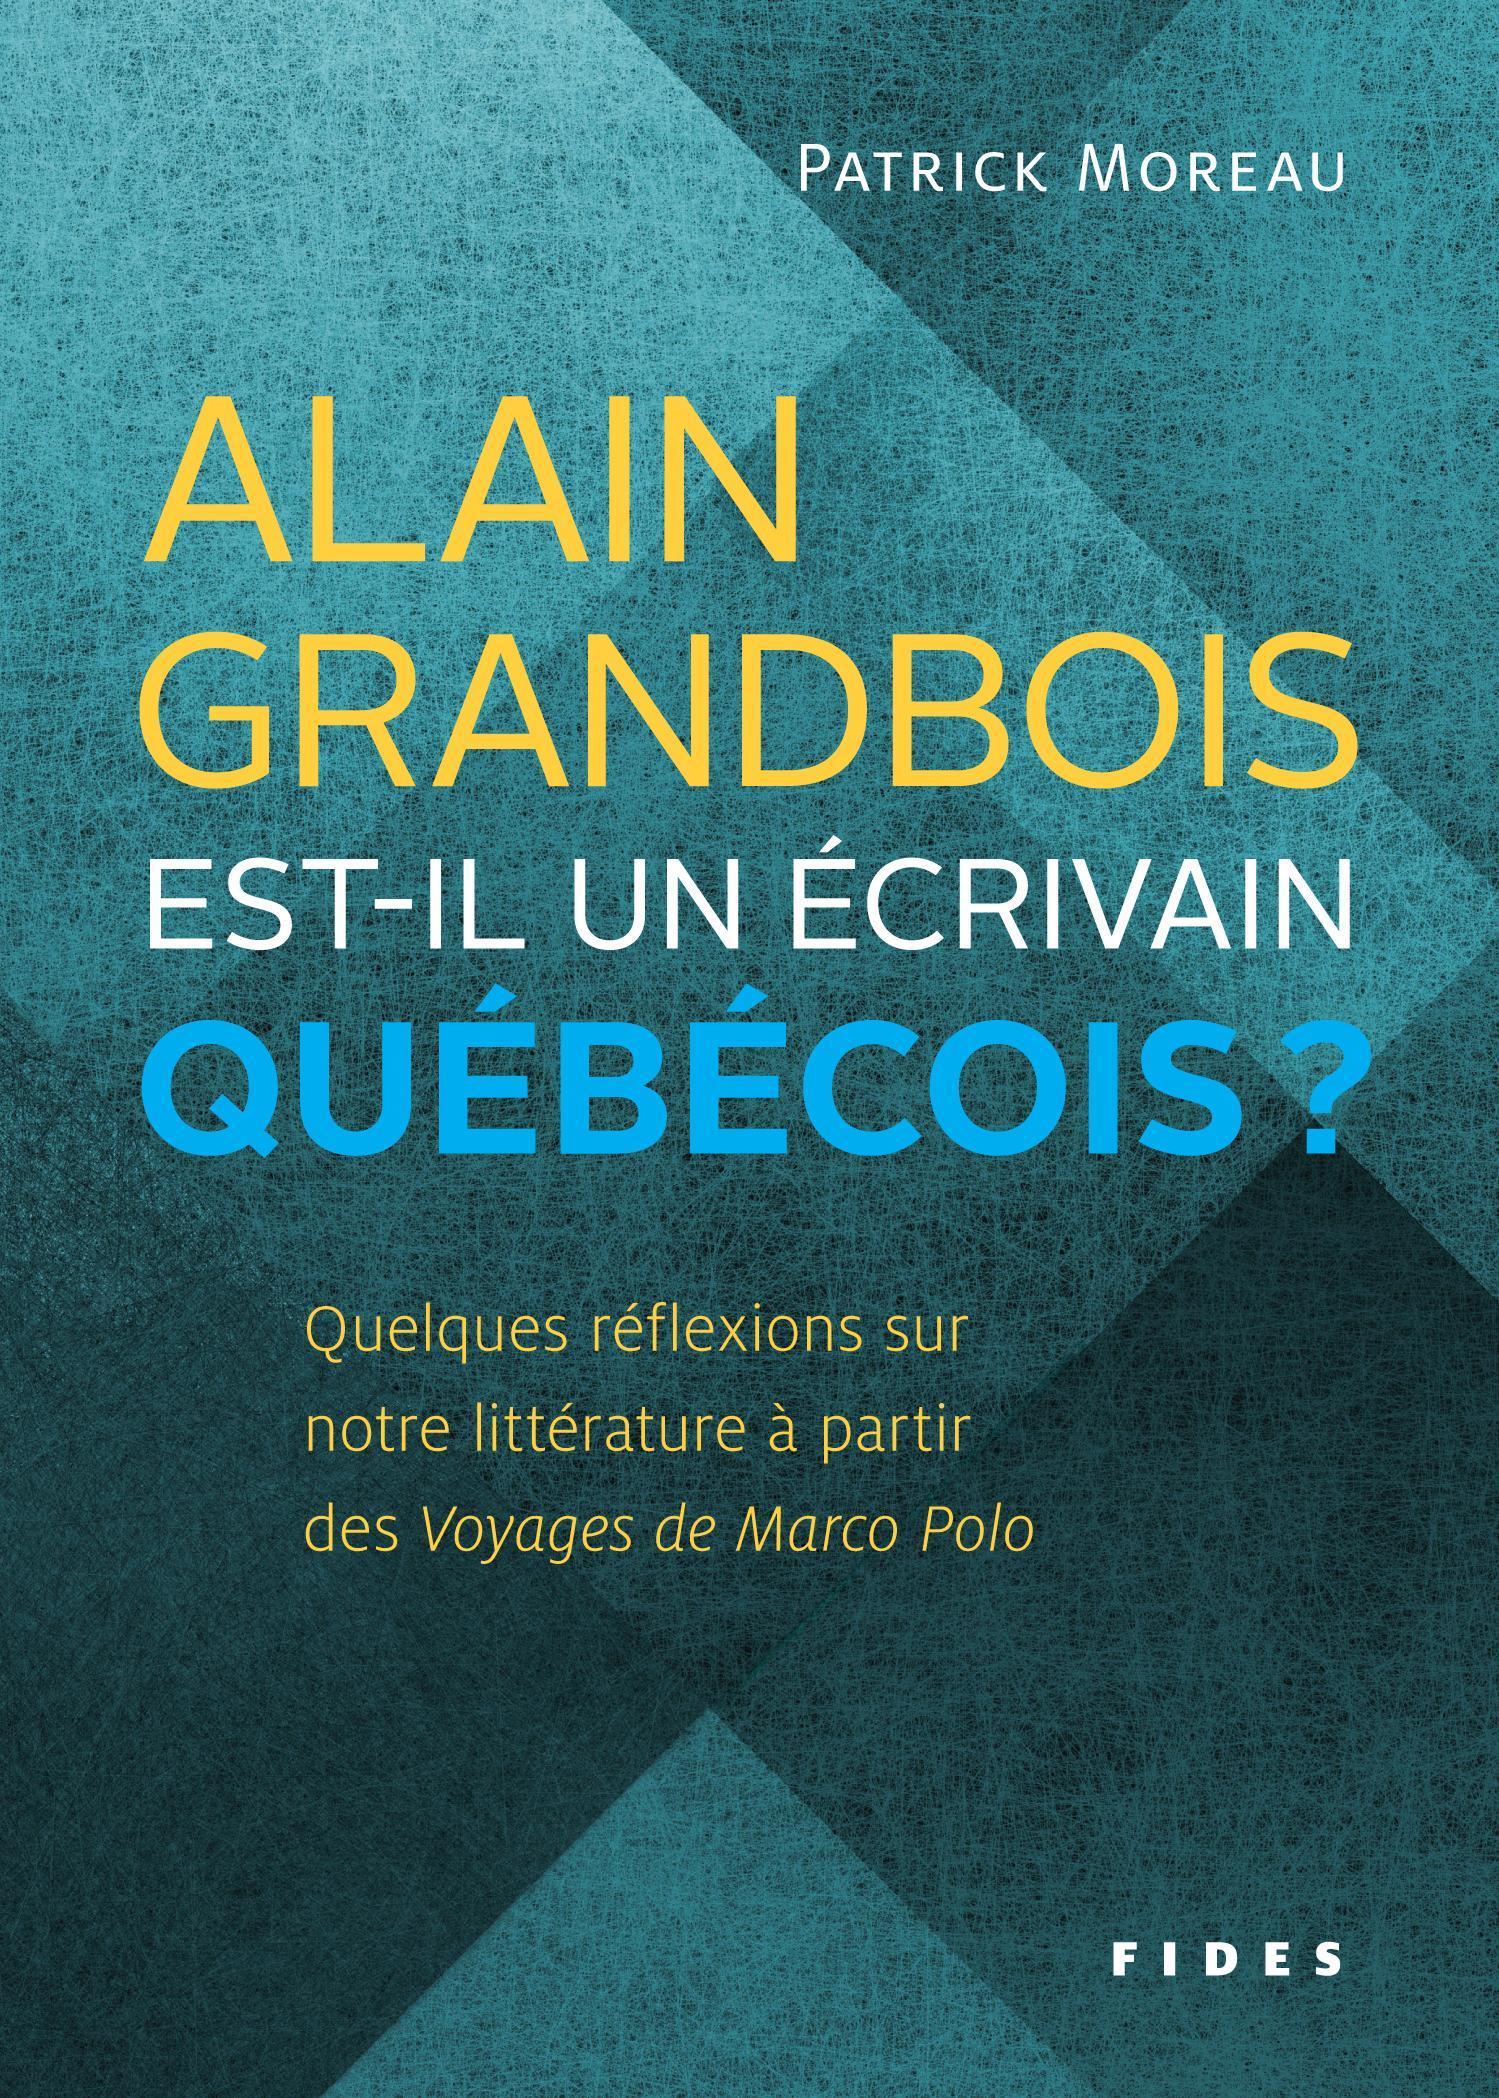 Alain Grandbois est-il un écrivain québécois?, Quelques réflexions sur  notre littérature à partir  des Voyages de Marco Polo